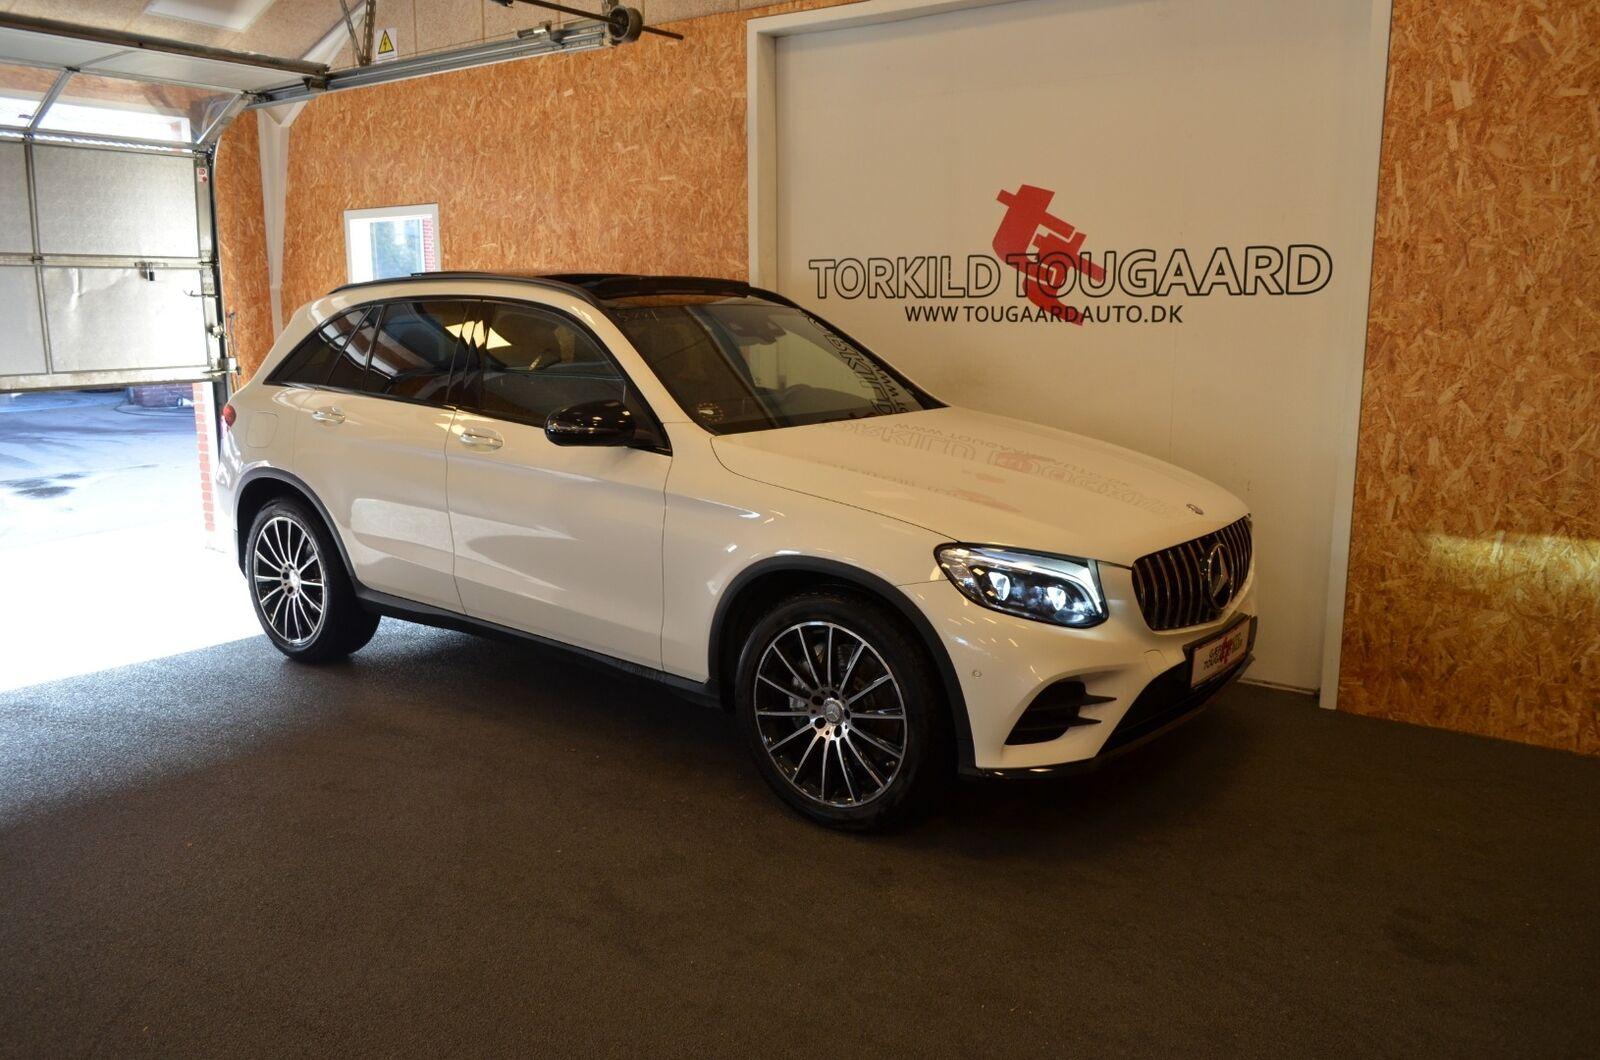 Mercedes GLC220 d 2,2 AMG Line aut. 4-M 5d - 549.800 kr.